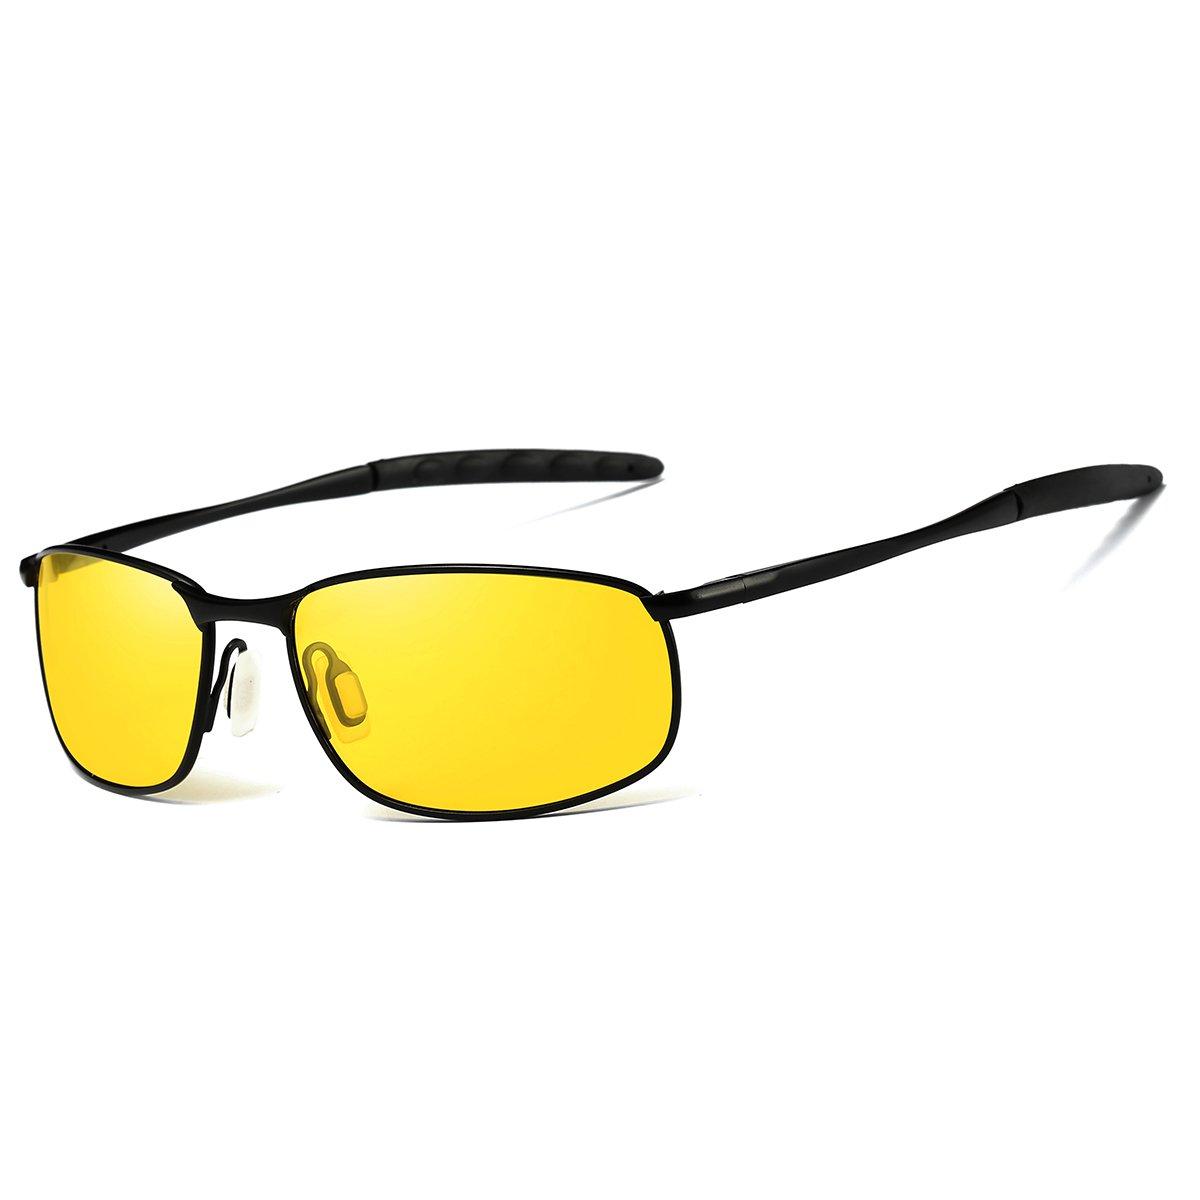 FEIDU Deporte Gafas de Sol Polarizadas Lente HD con Estilo de Conducir para Hombre y Mujer FD 9005 2.24)